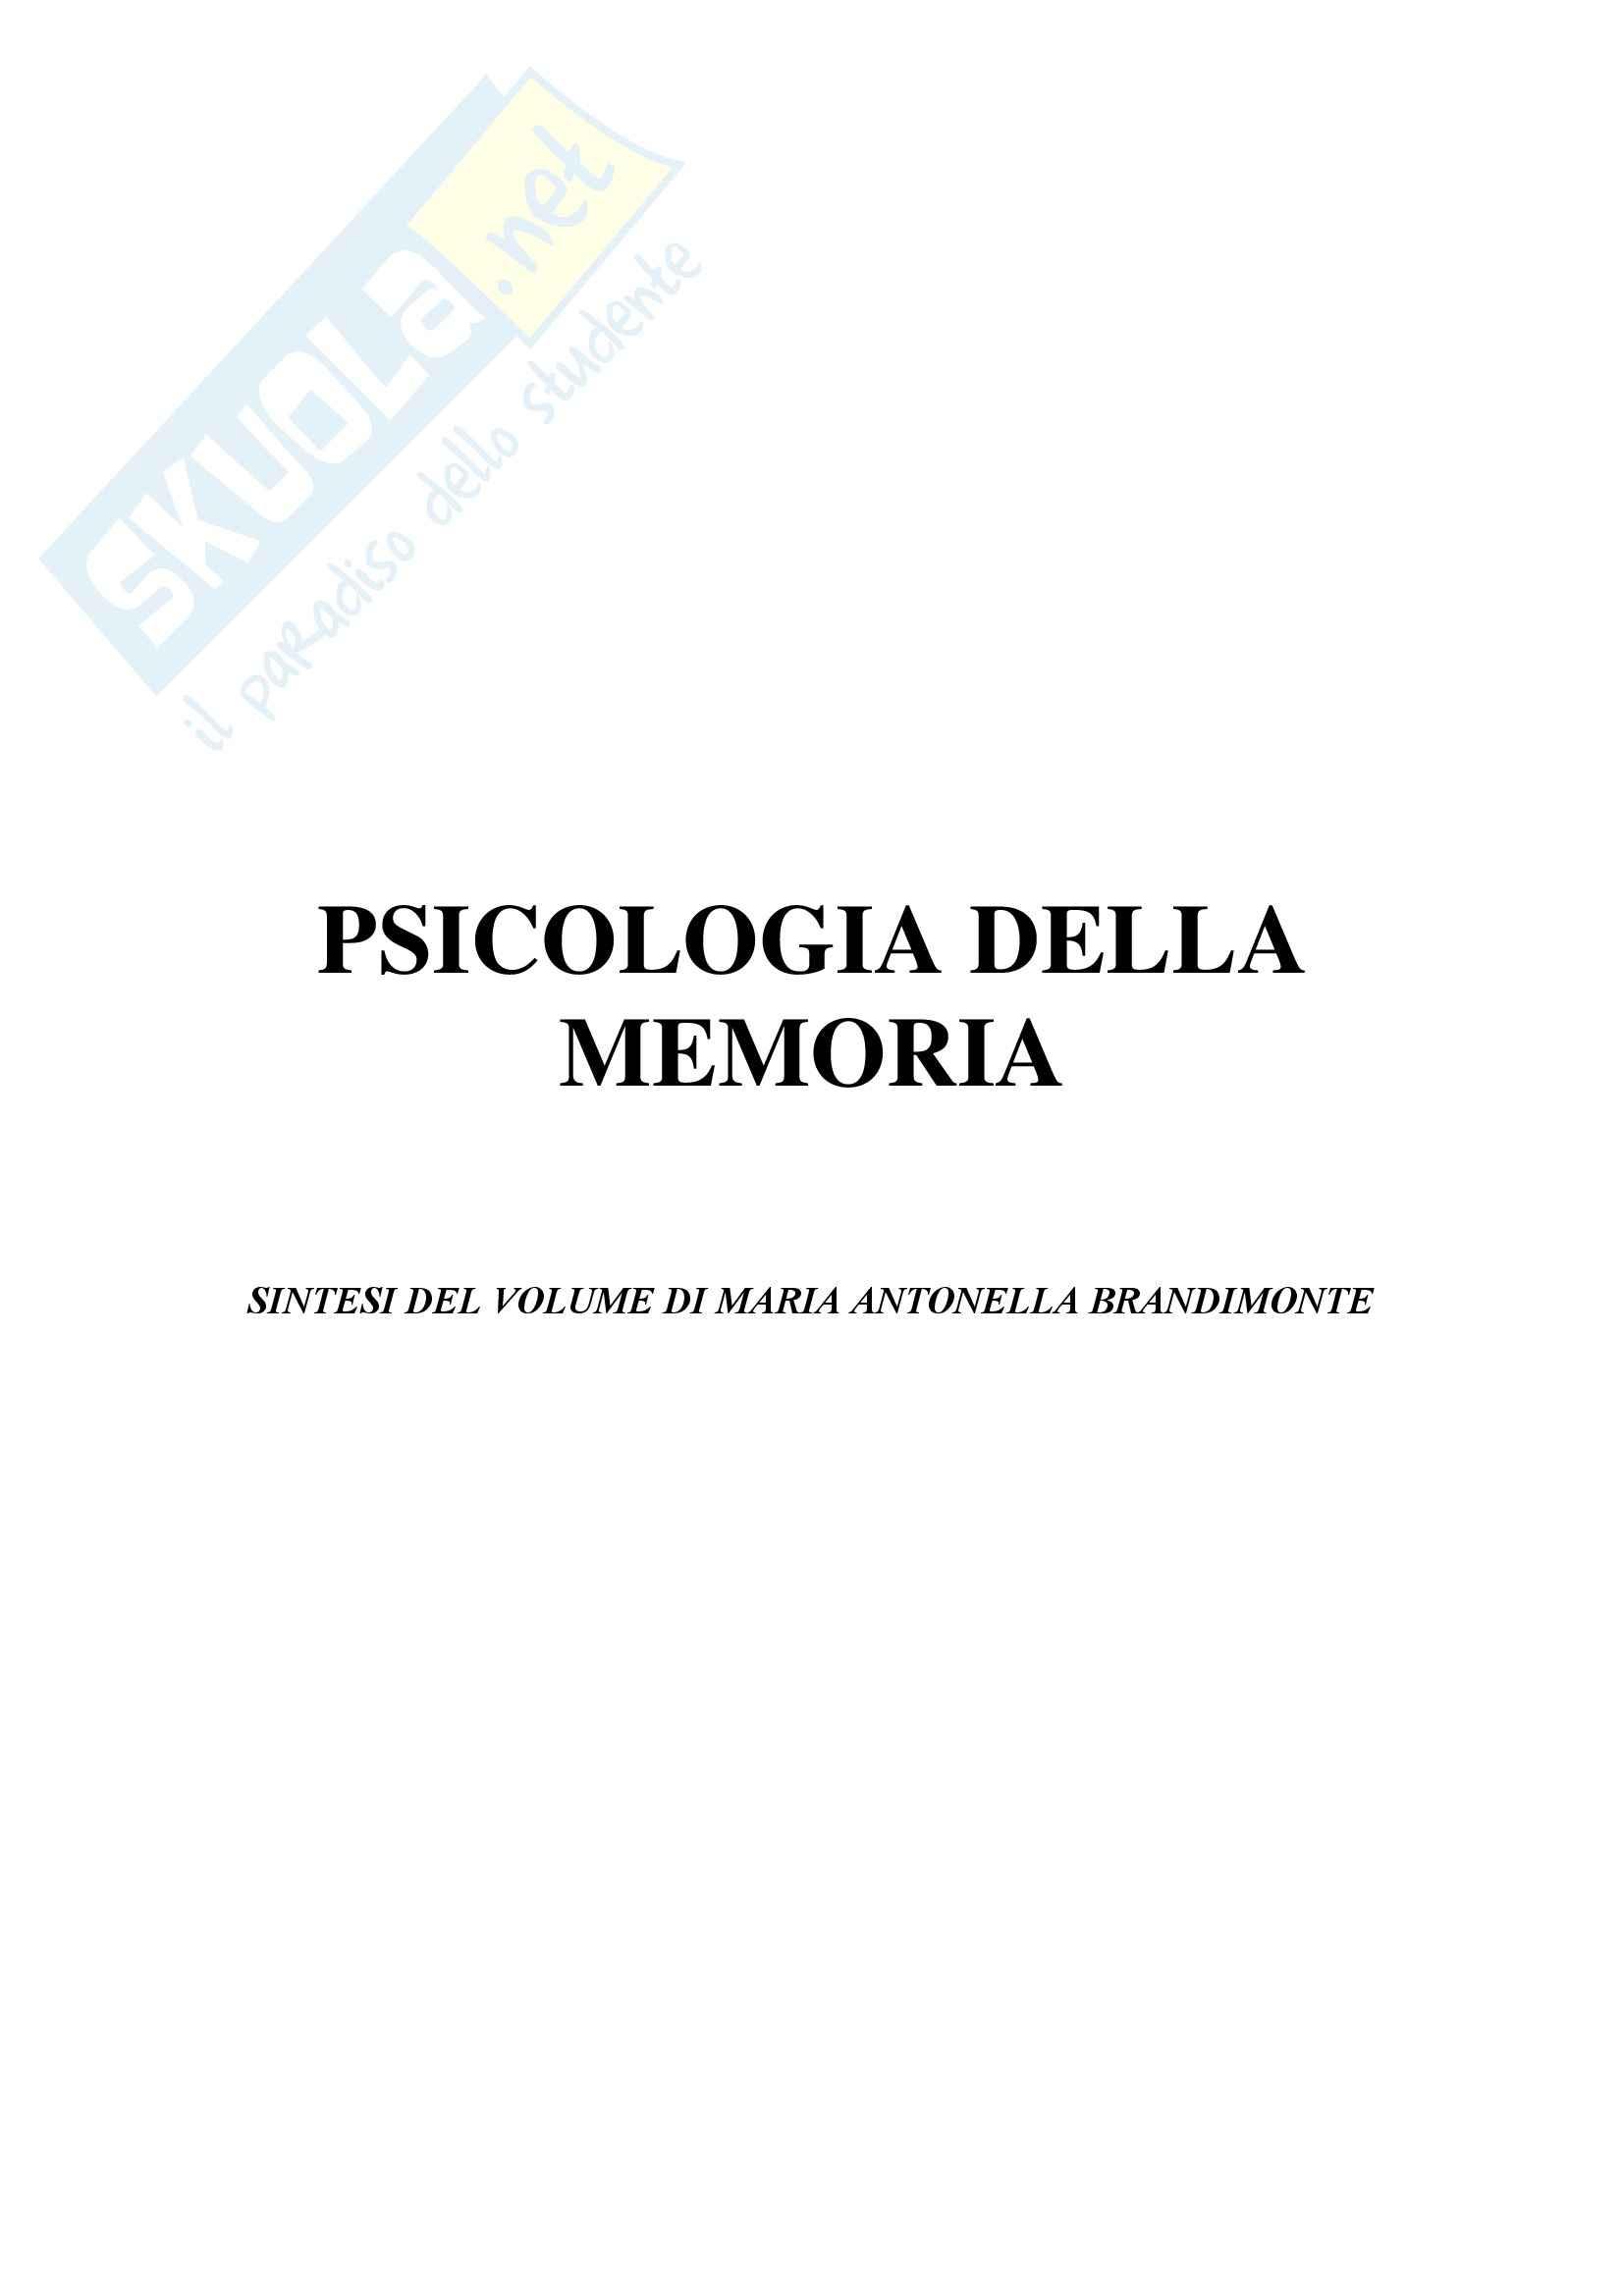 Psicologia dell'apprendimento e della memoria